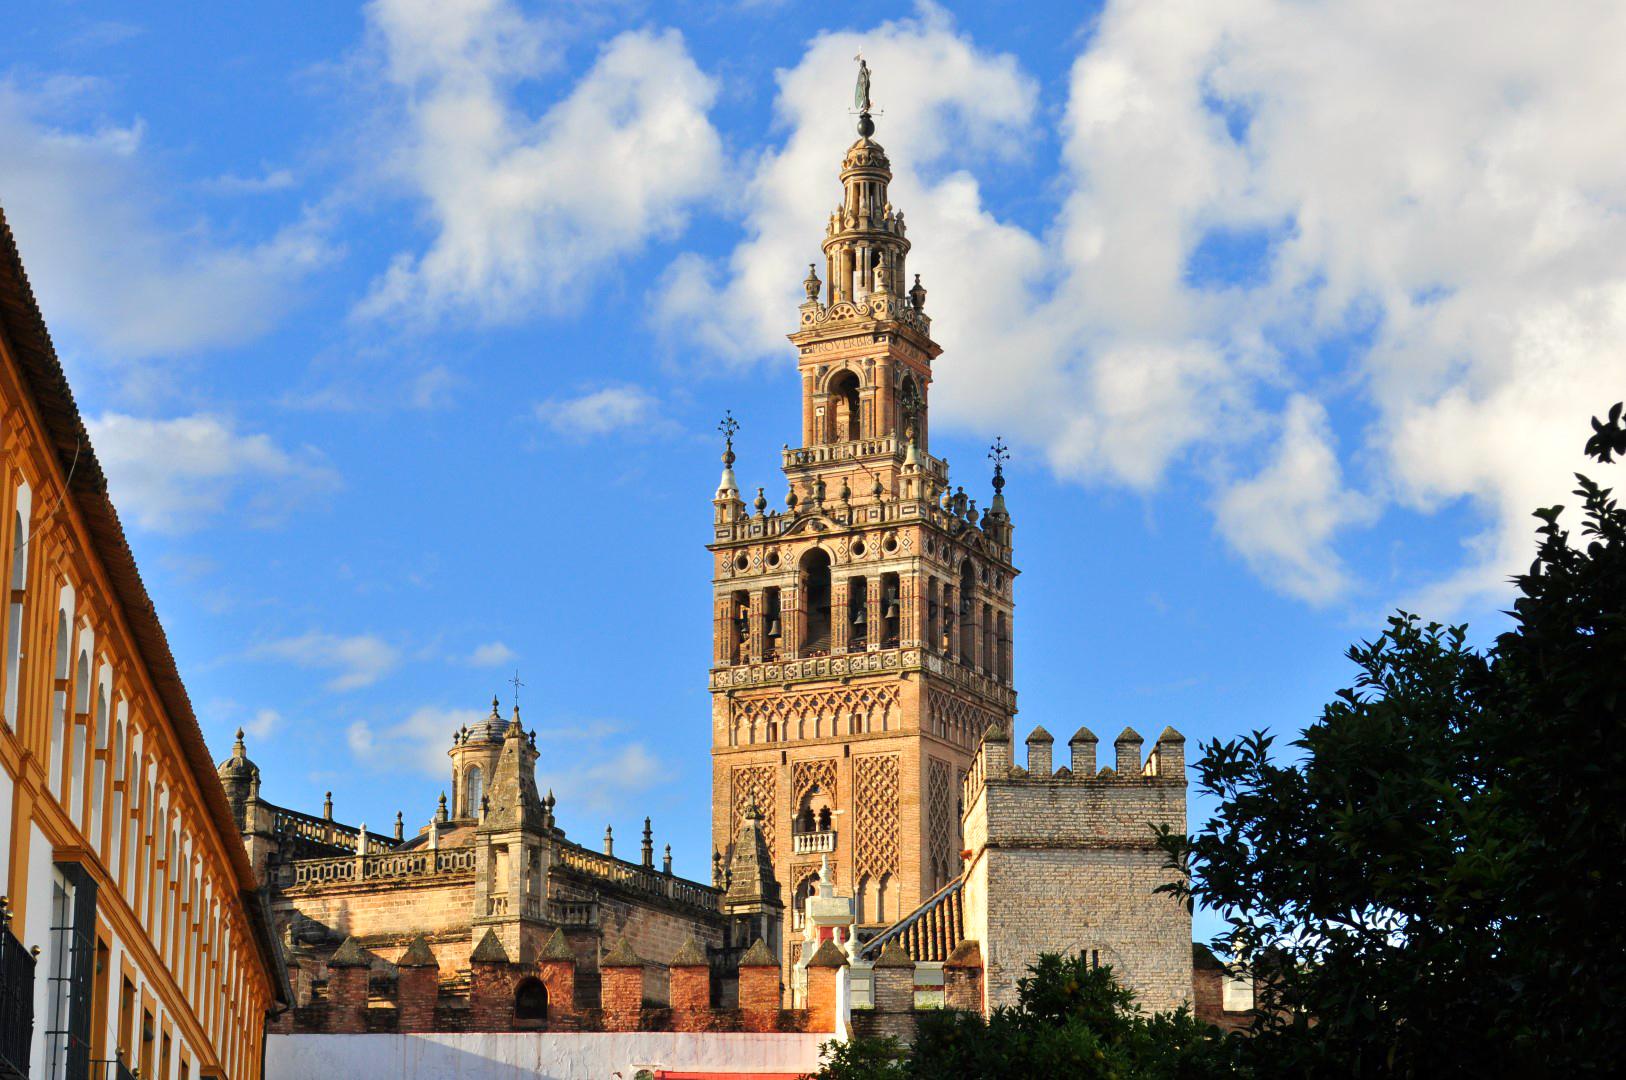 Qué ver en Sevilla, España - What to see in Sevilla, Spain qué ver en sevilla - 30706402753 0d7b103b78 o - Qué ver en Sevilla